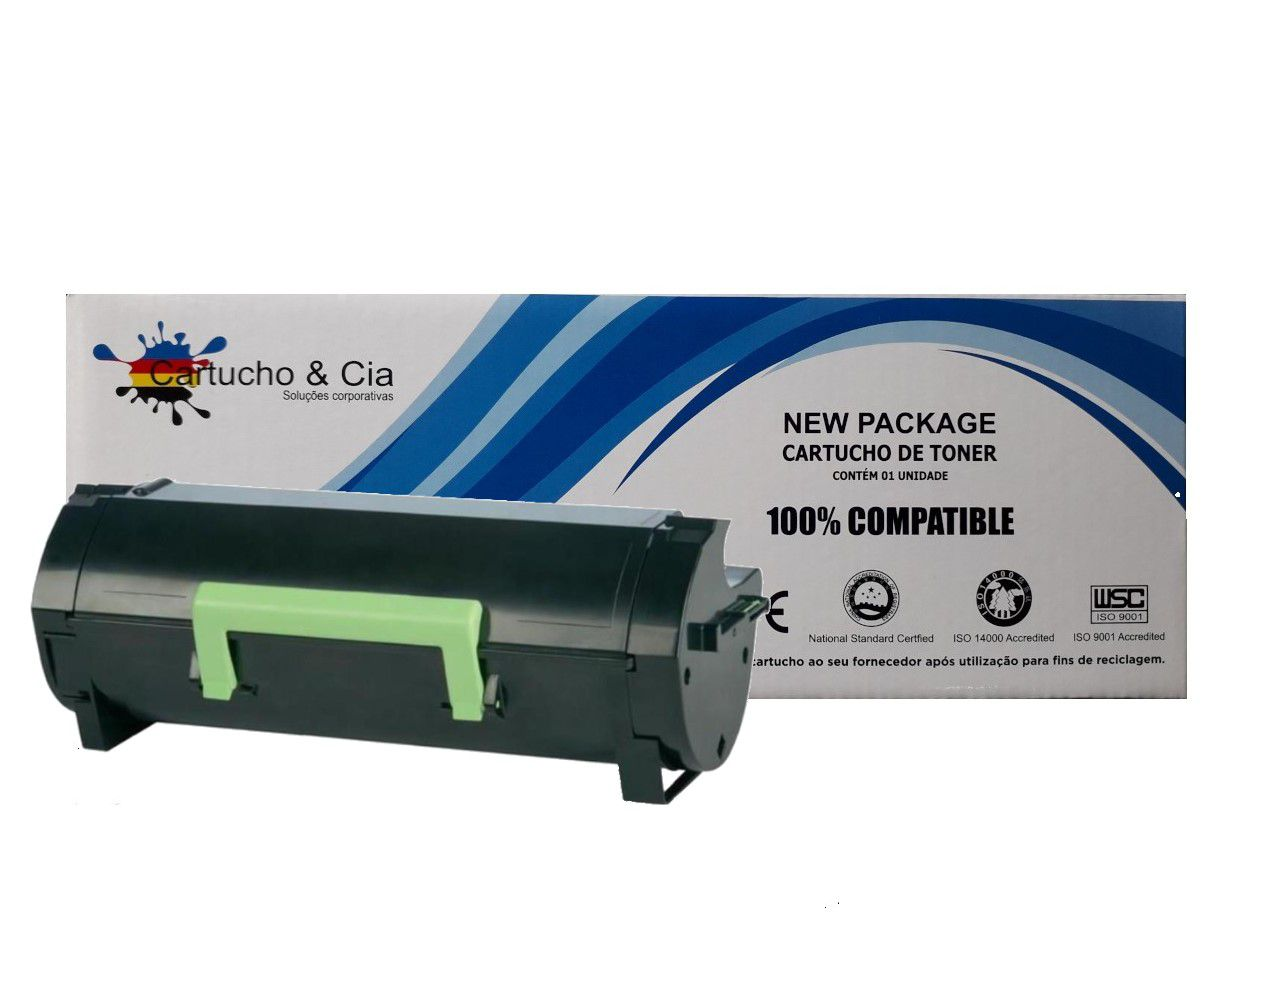 Toner Compatível com Lexmark MX317 MX417 MX517 MX617 Black 2.500 Páginas - Cartucho & Cia.